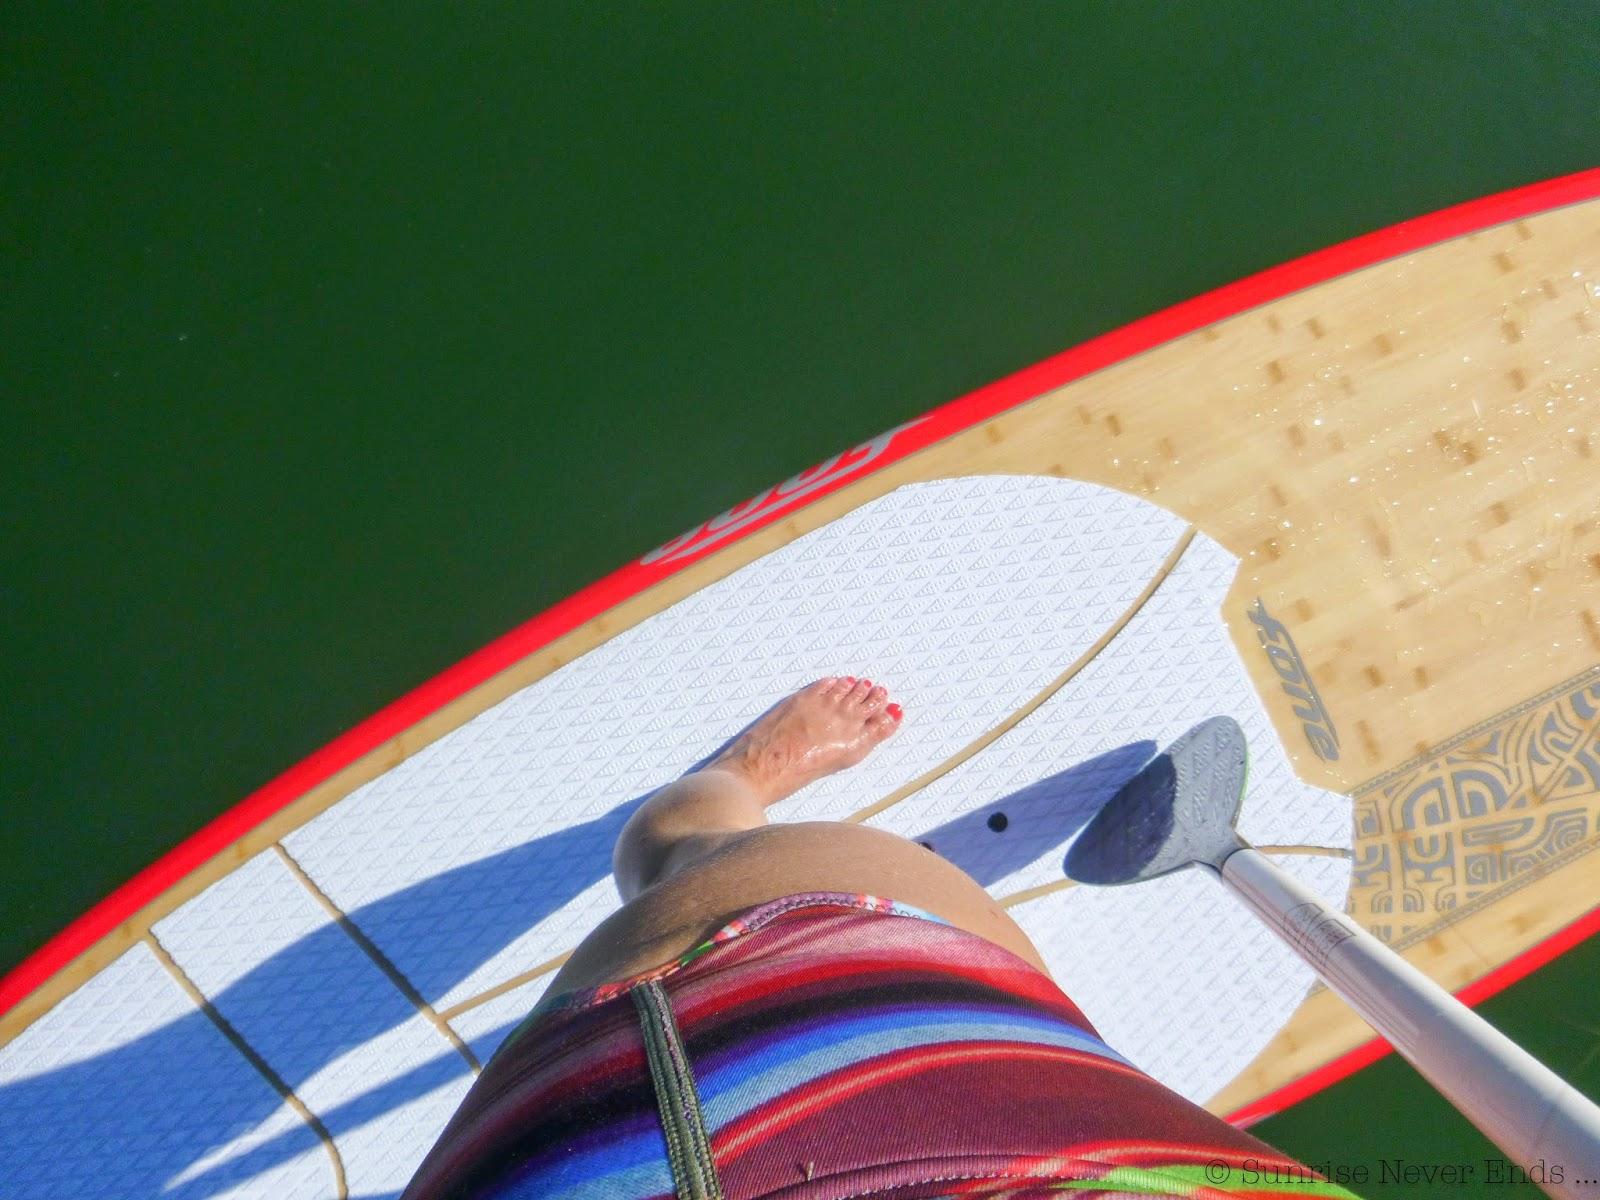 hossegor,le lac,stand up paddle,sup,été indien,indian summer,billabong surf capsule